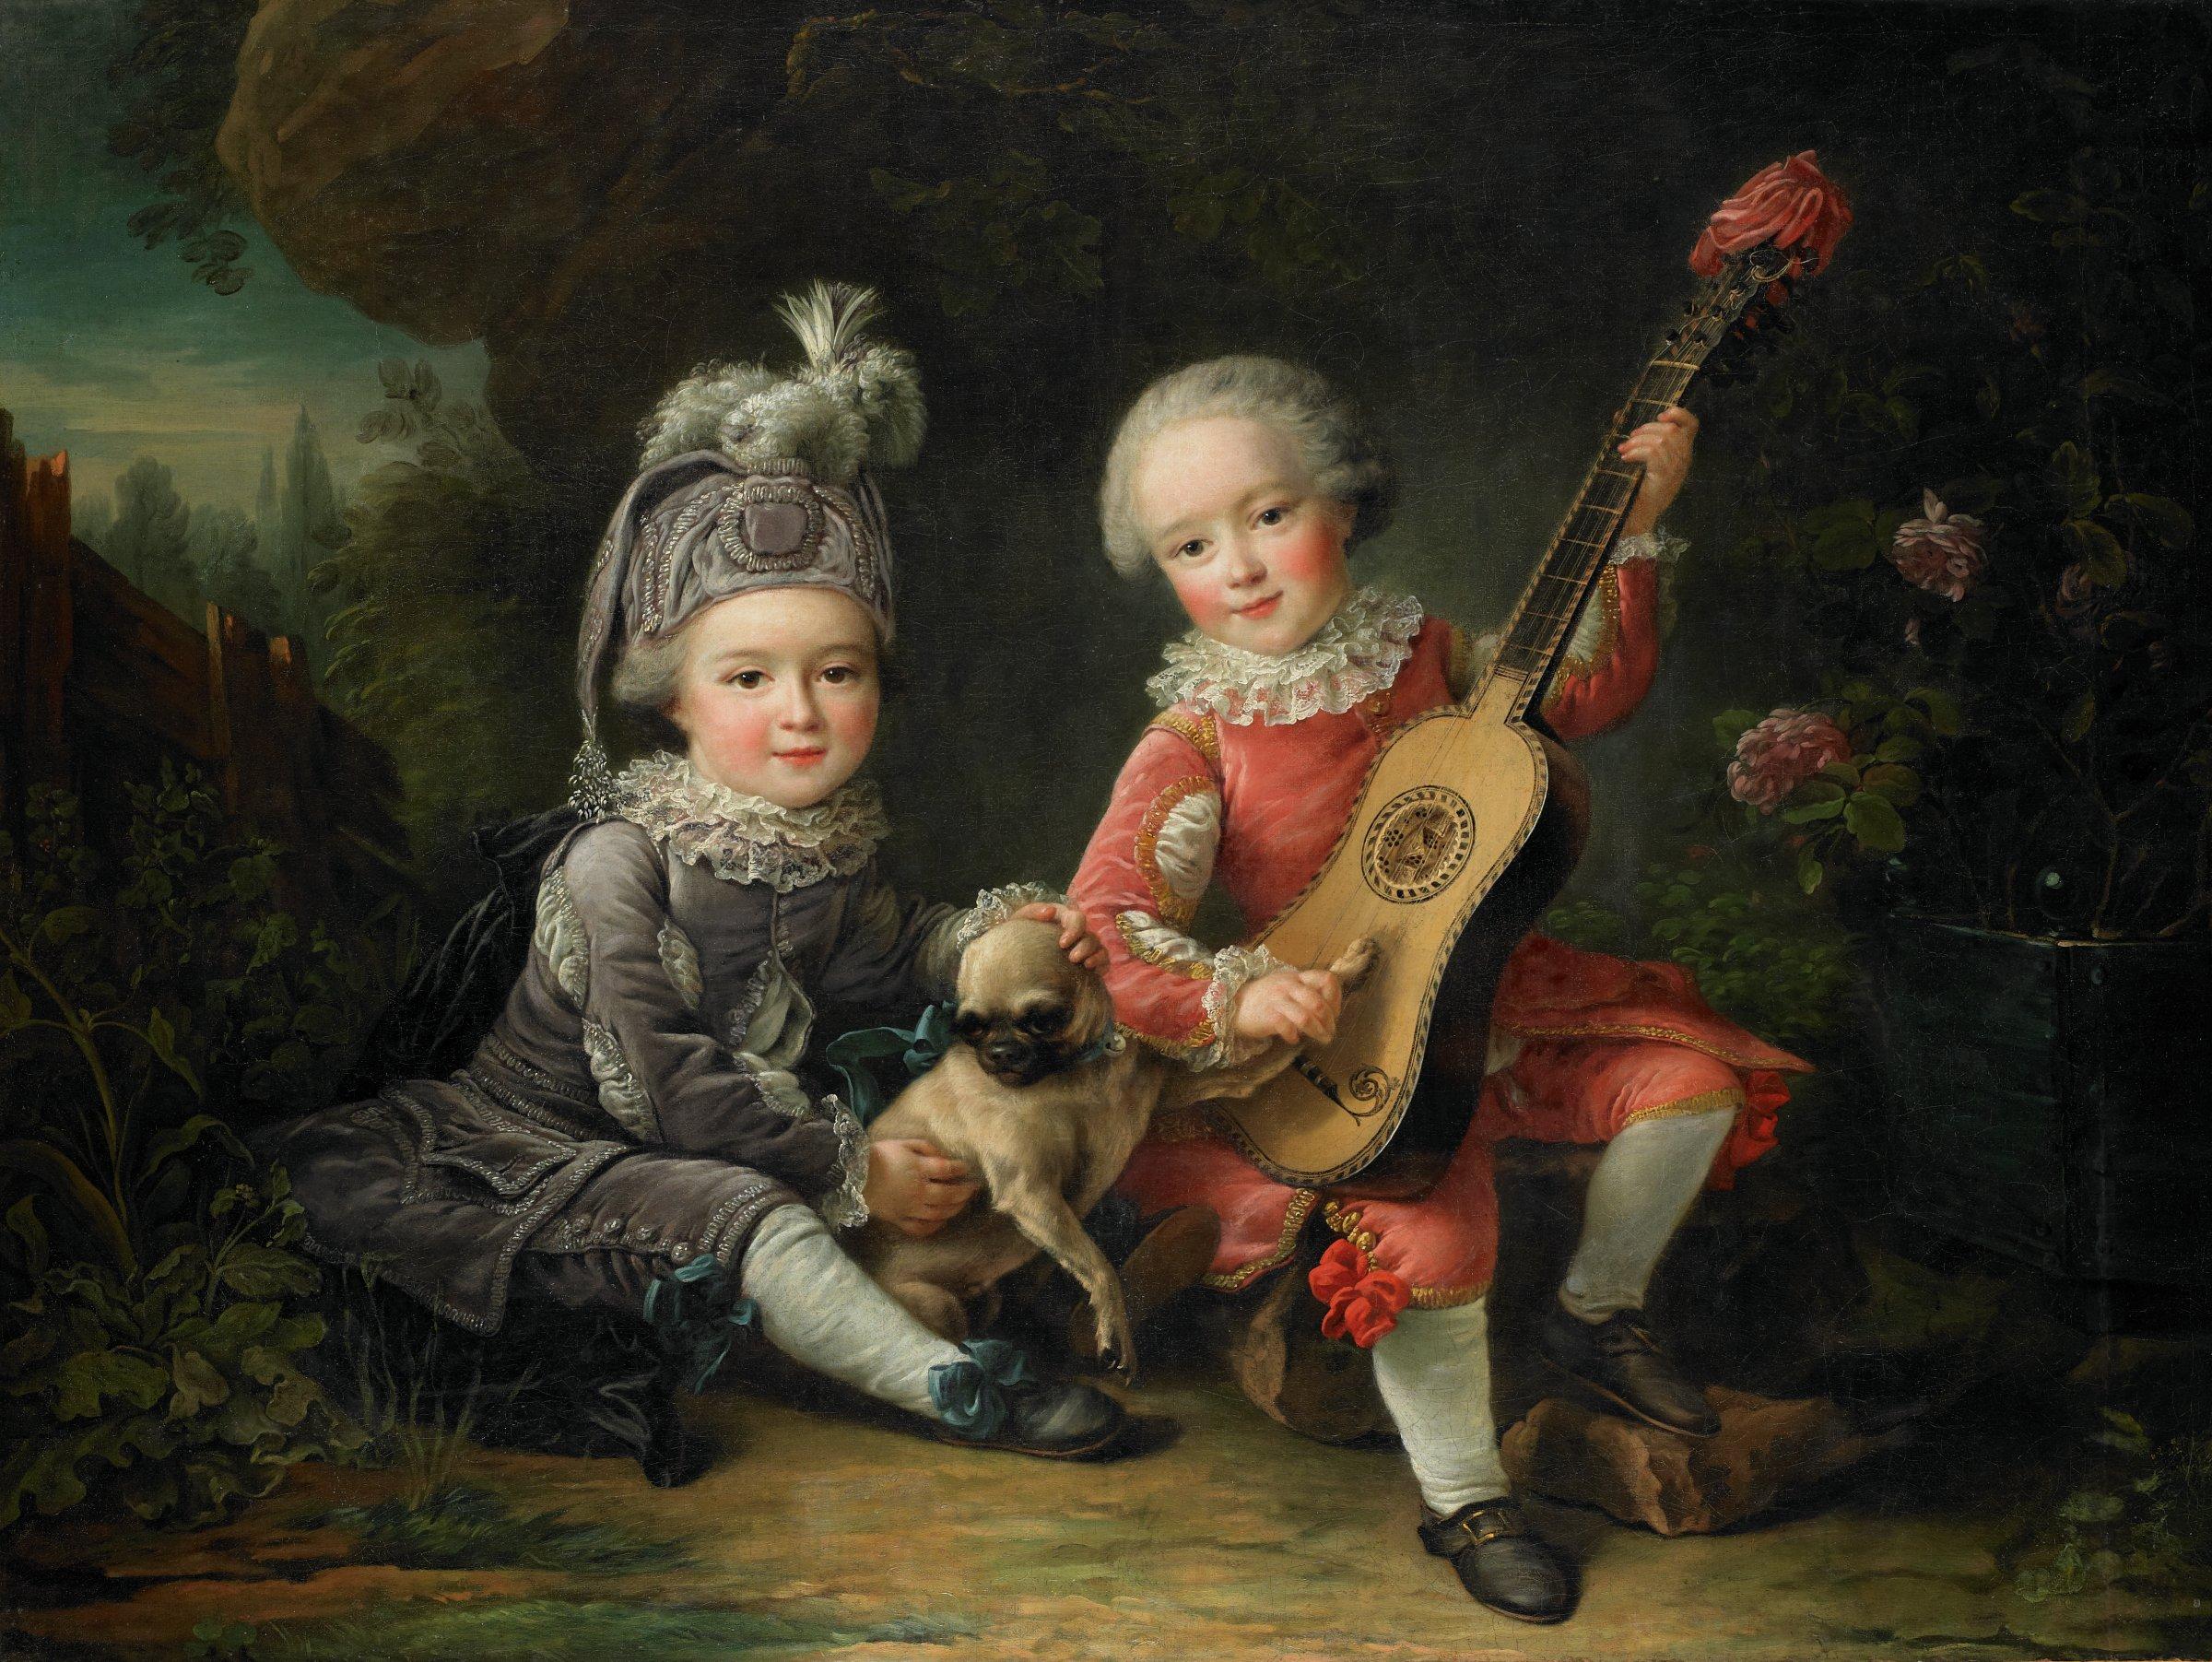 Les Portraits de MM. de Béthune jouant avec un chien (The Children of the Marquis de Béthune Playing with a Dog), François-Hubert Drouais, oil on canvas